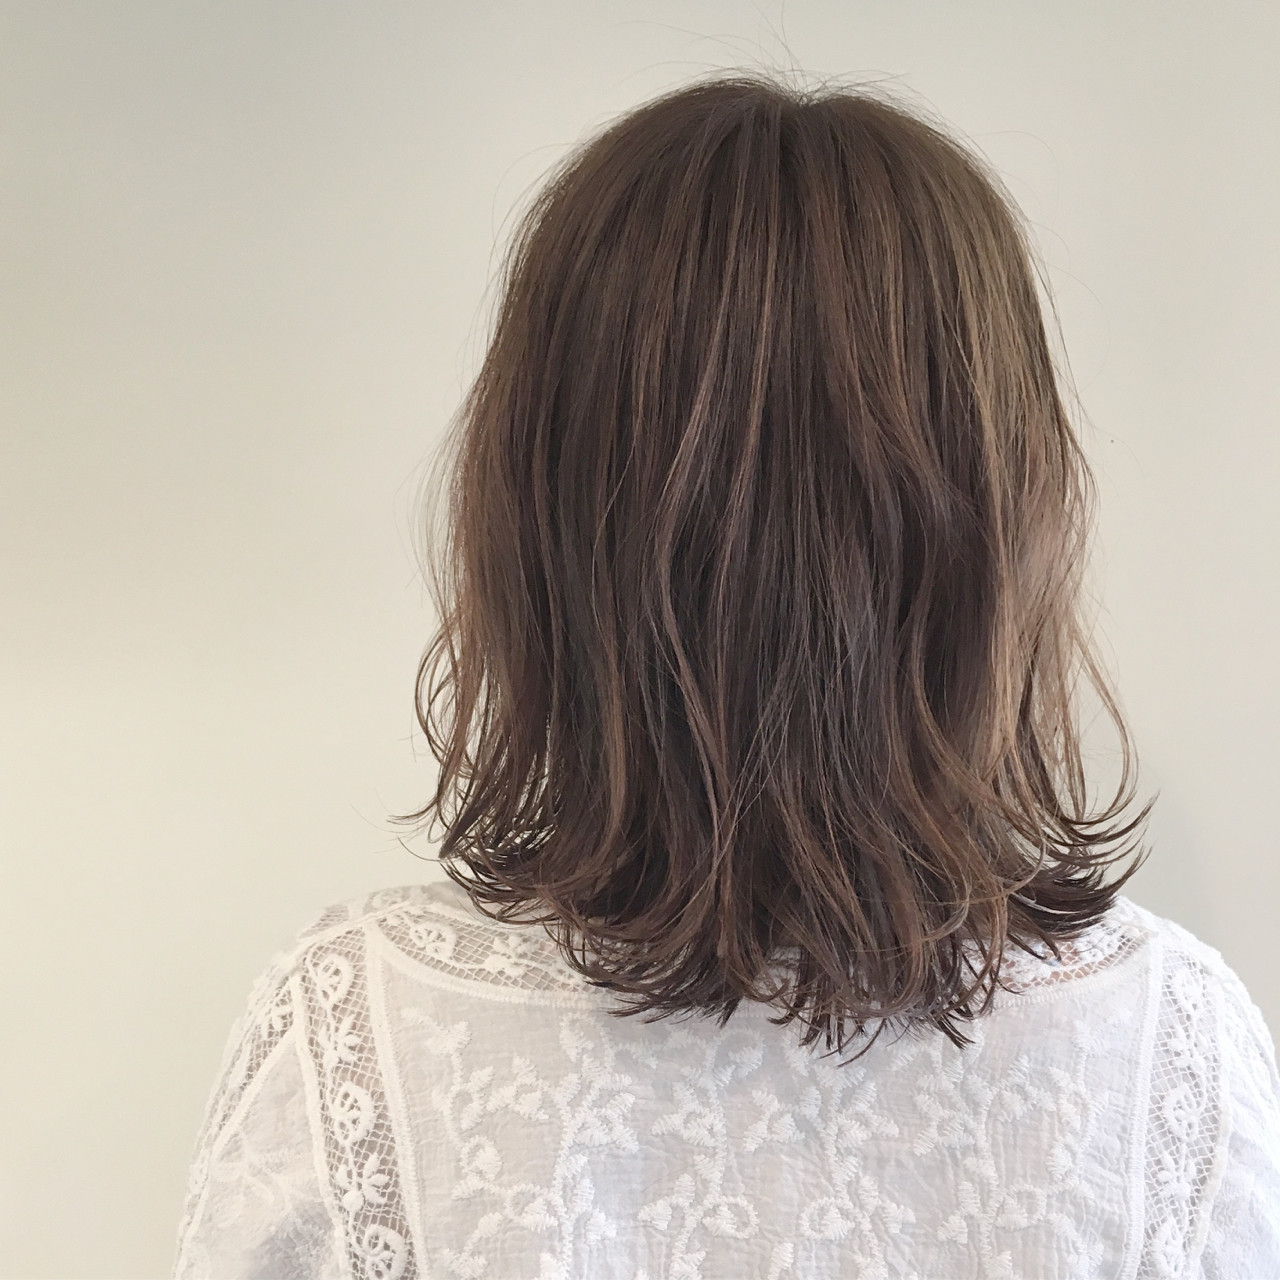 ウェーブ パーマ ミディアム リラックス ヘアスタイルや髪型の写真・画像 | 三谷 晃代 / komore / KOMORE (コモレ)